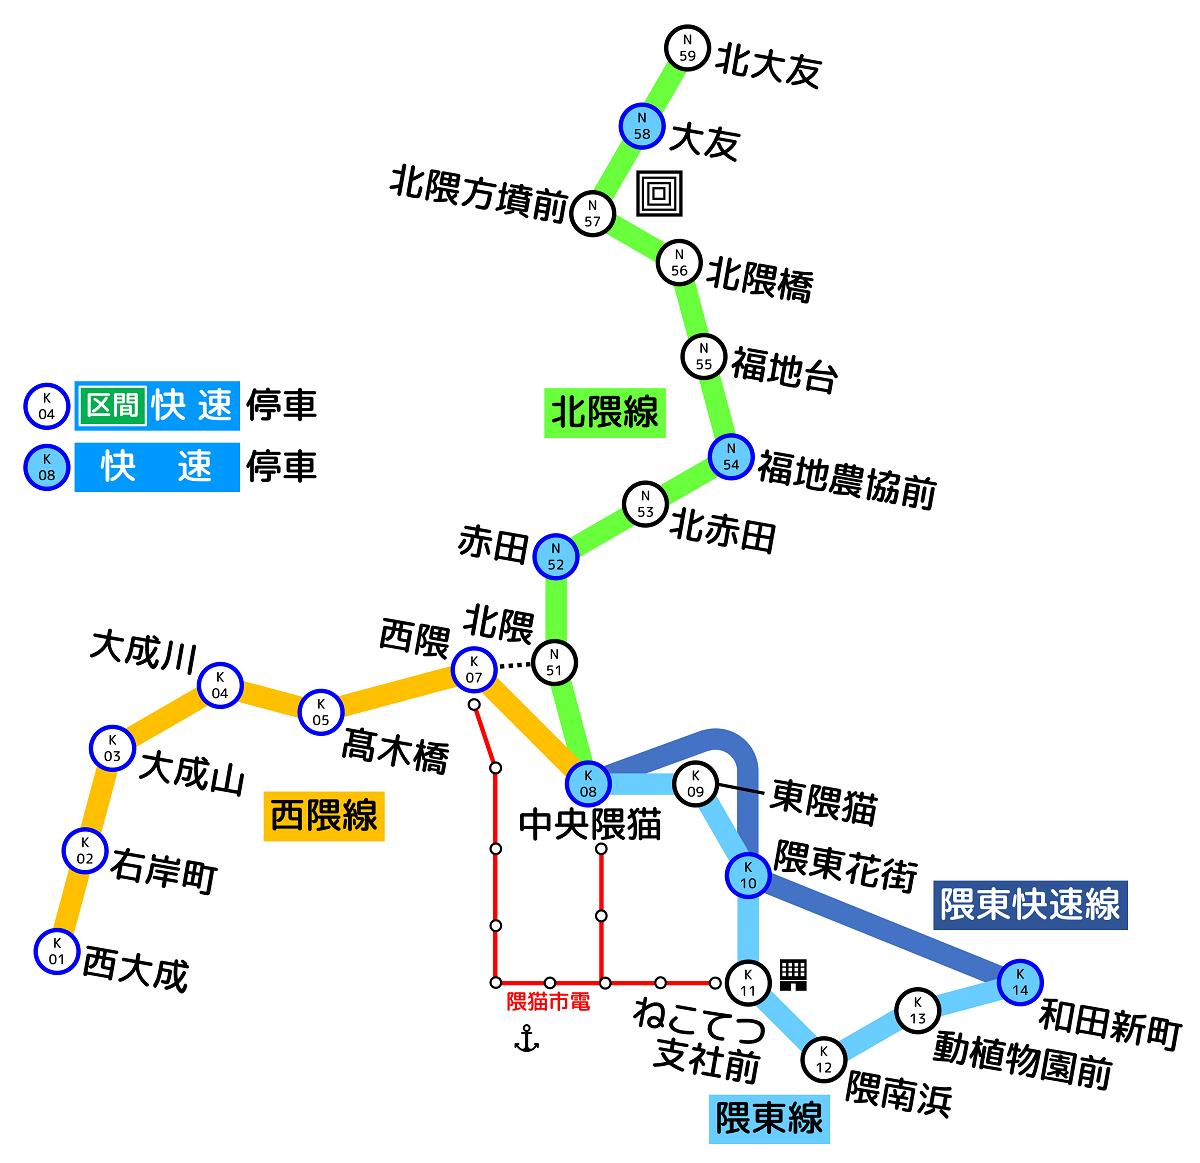 隈猫 路線図4話.png